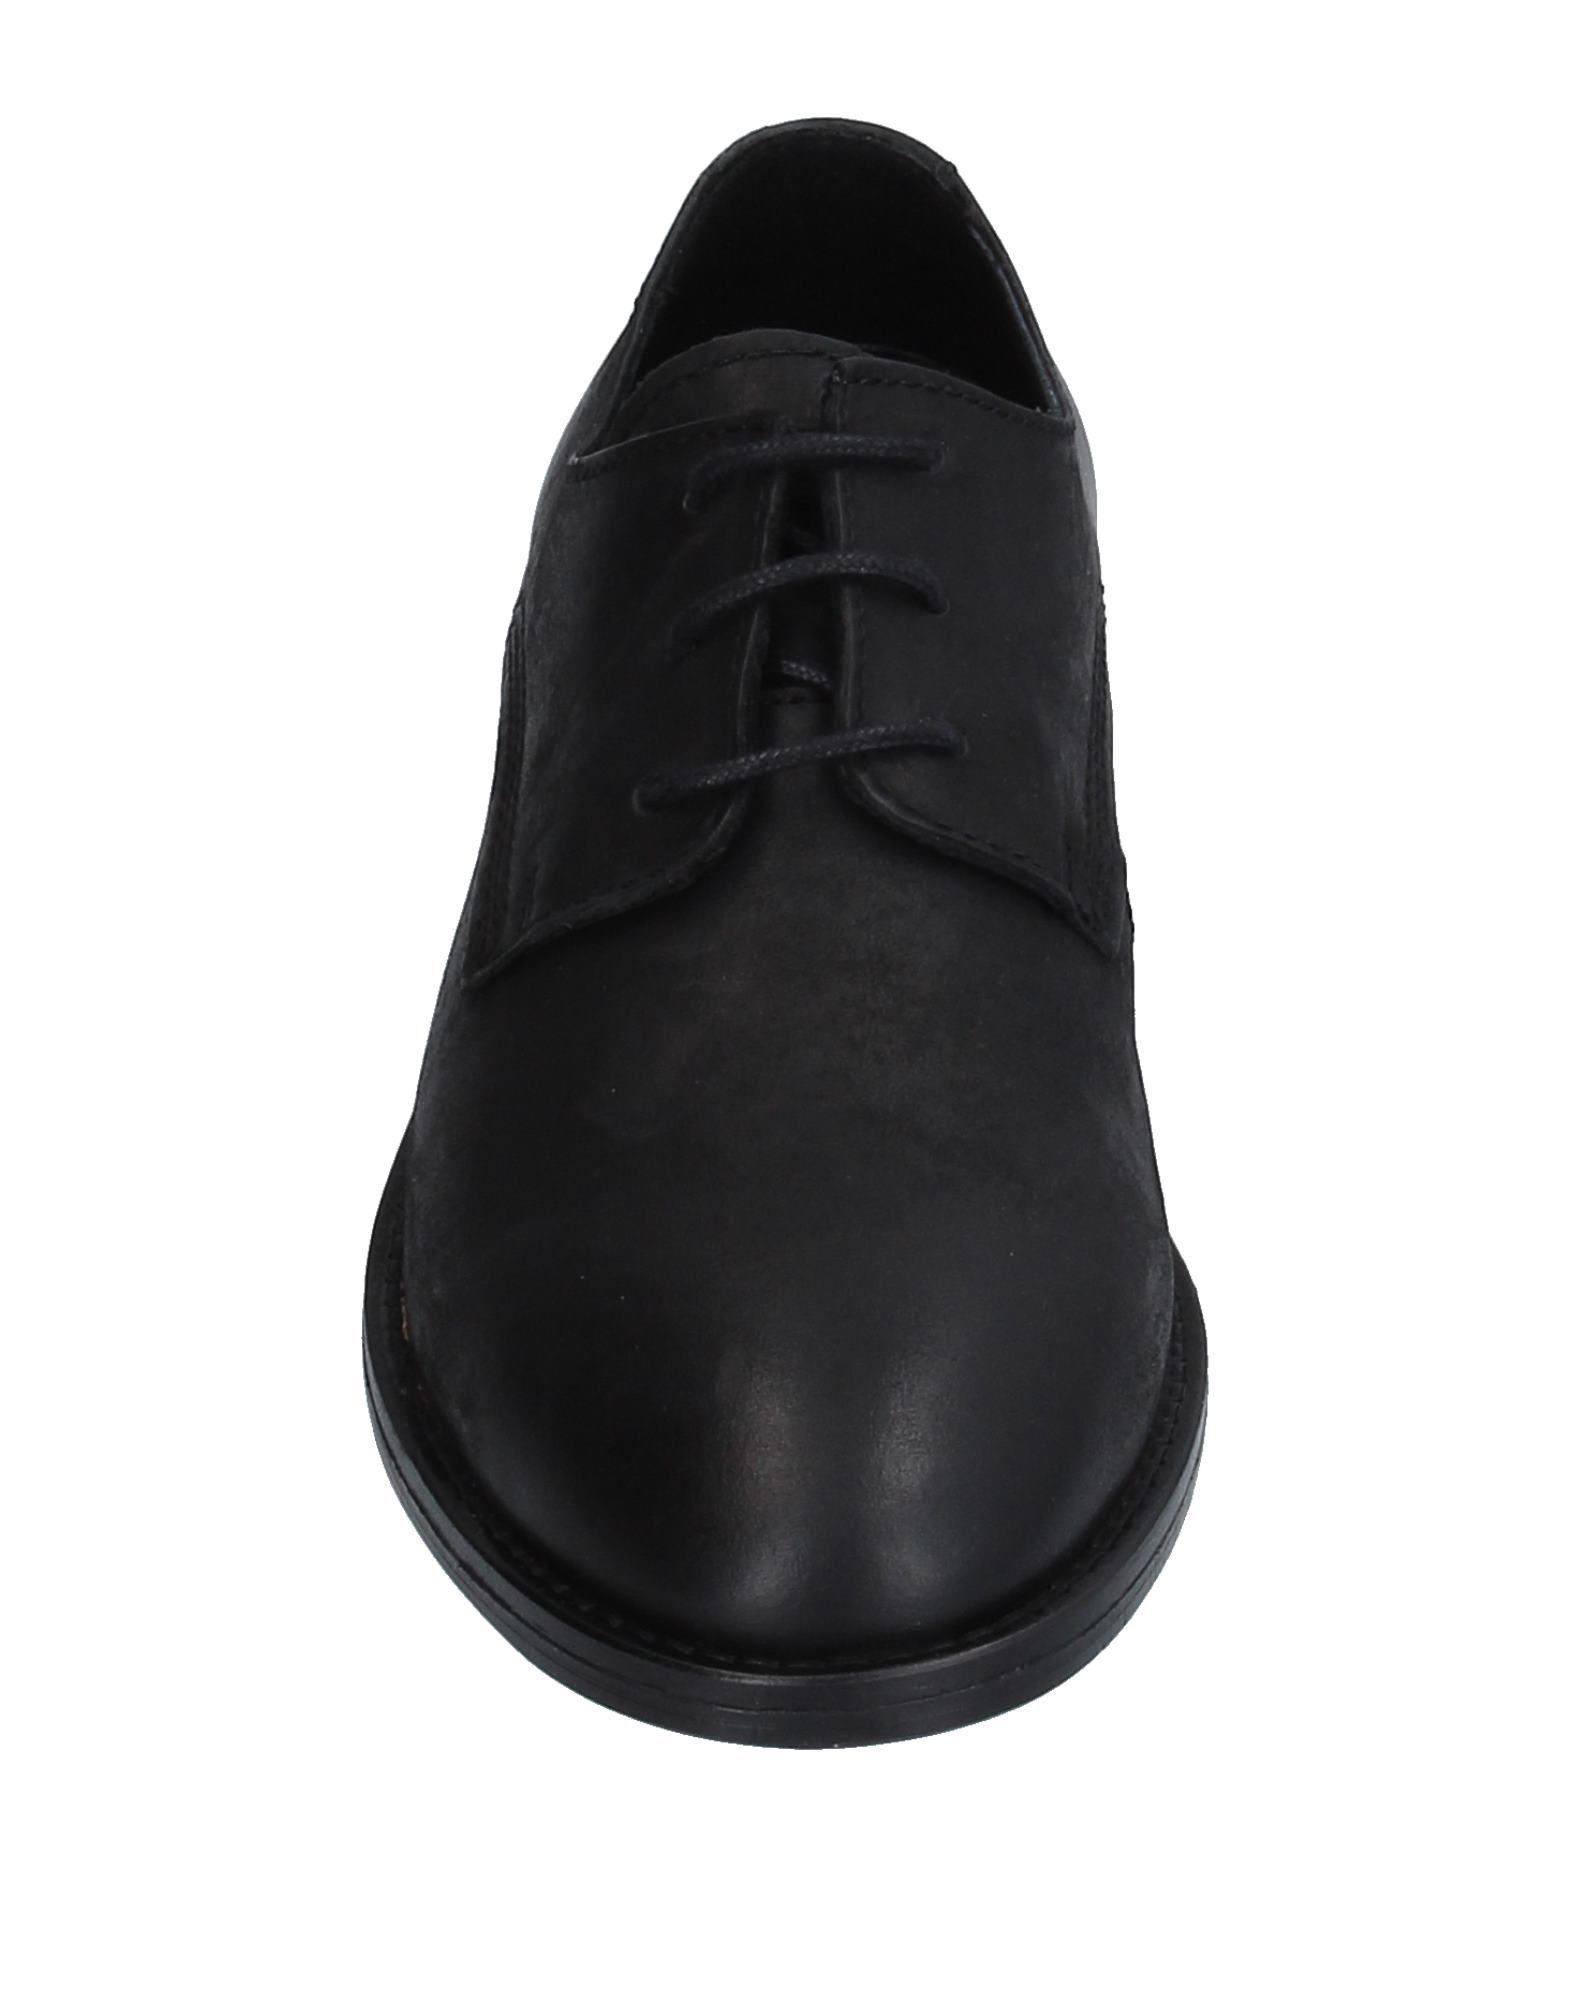 Chaussures À Lacets Jack & Jones Homme - Chaussures À Lacets Jack & Jones sur